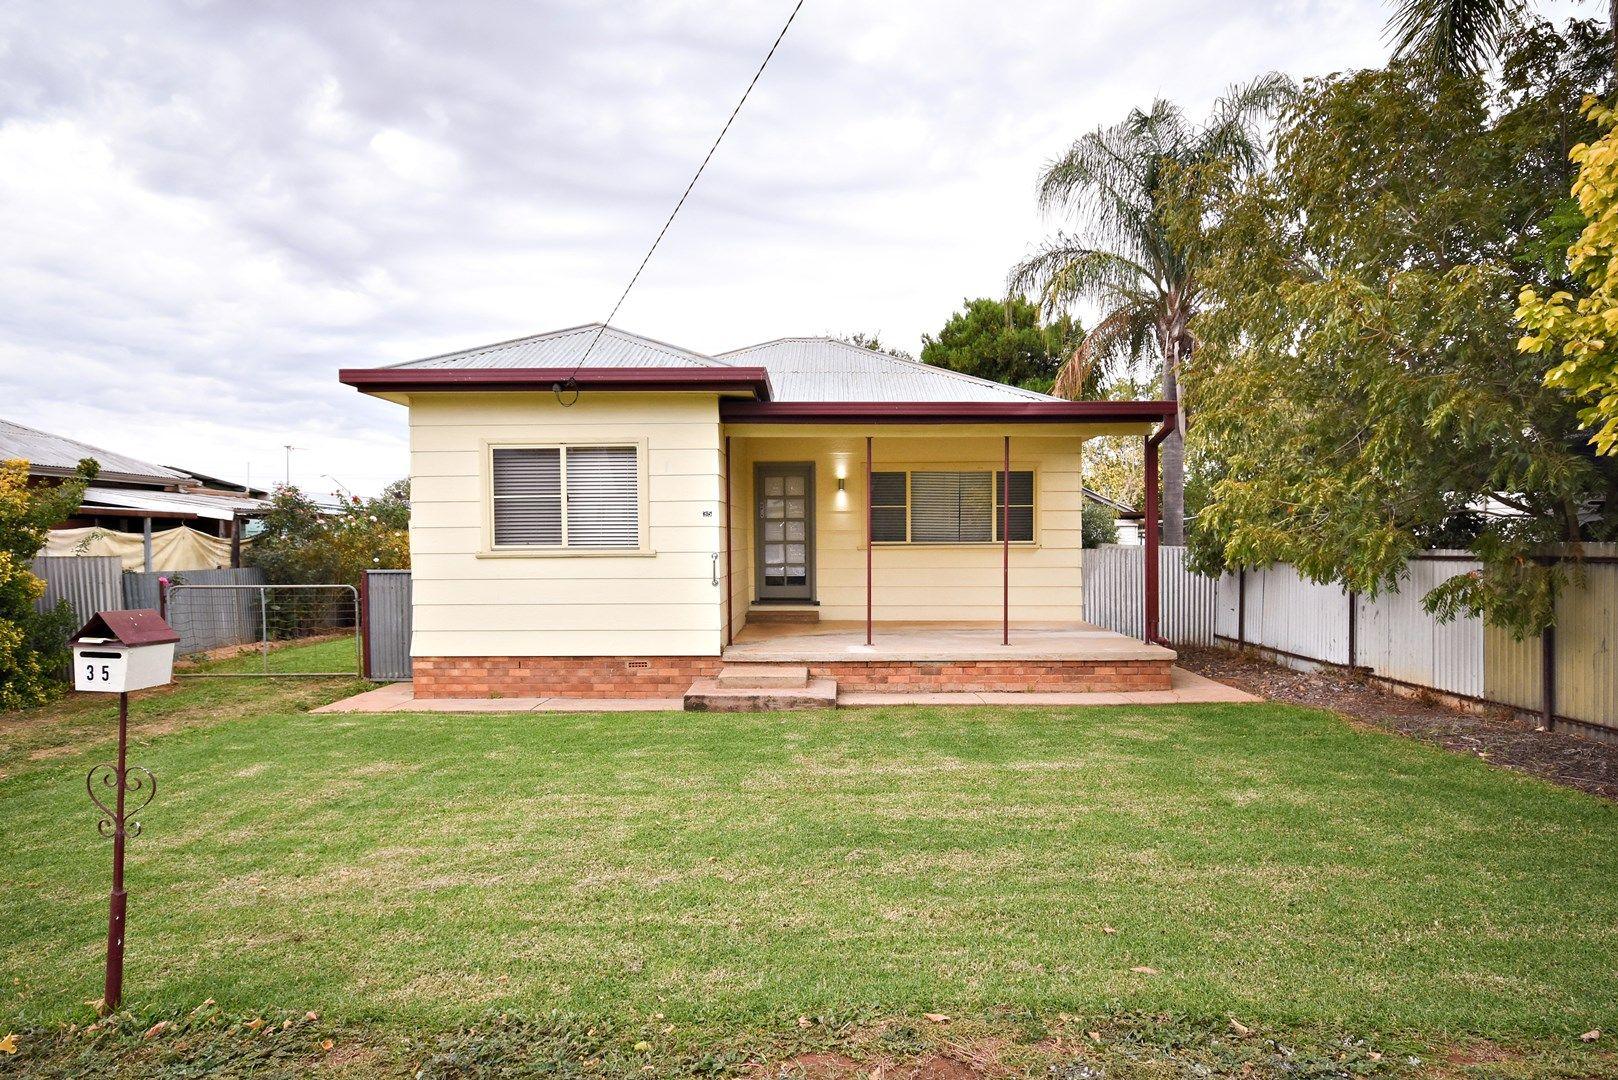 35 Elizabeth Street, Dubbo NSW 2830, Image 0